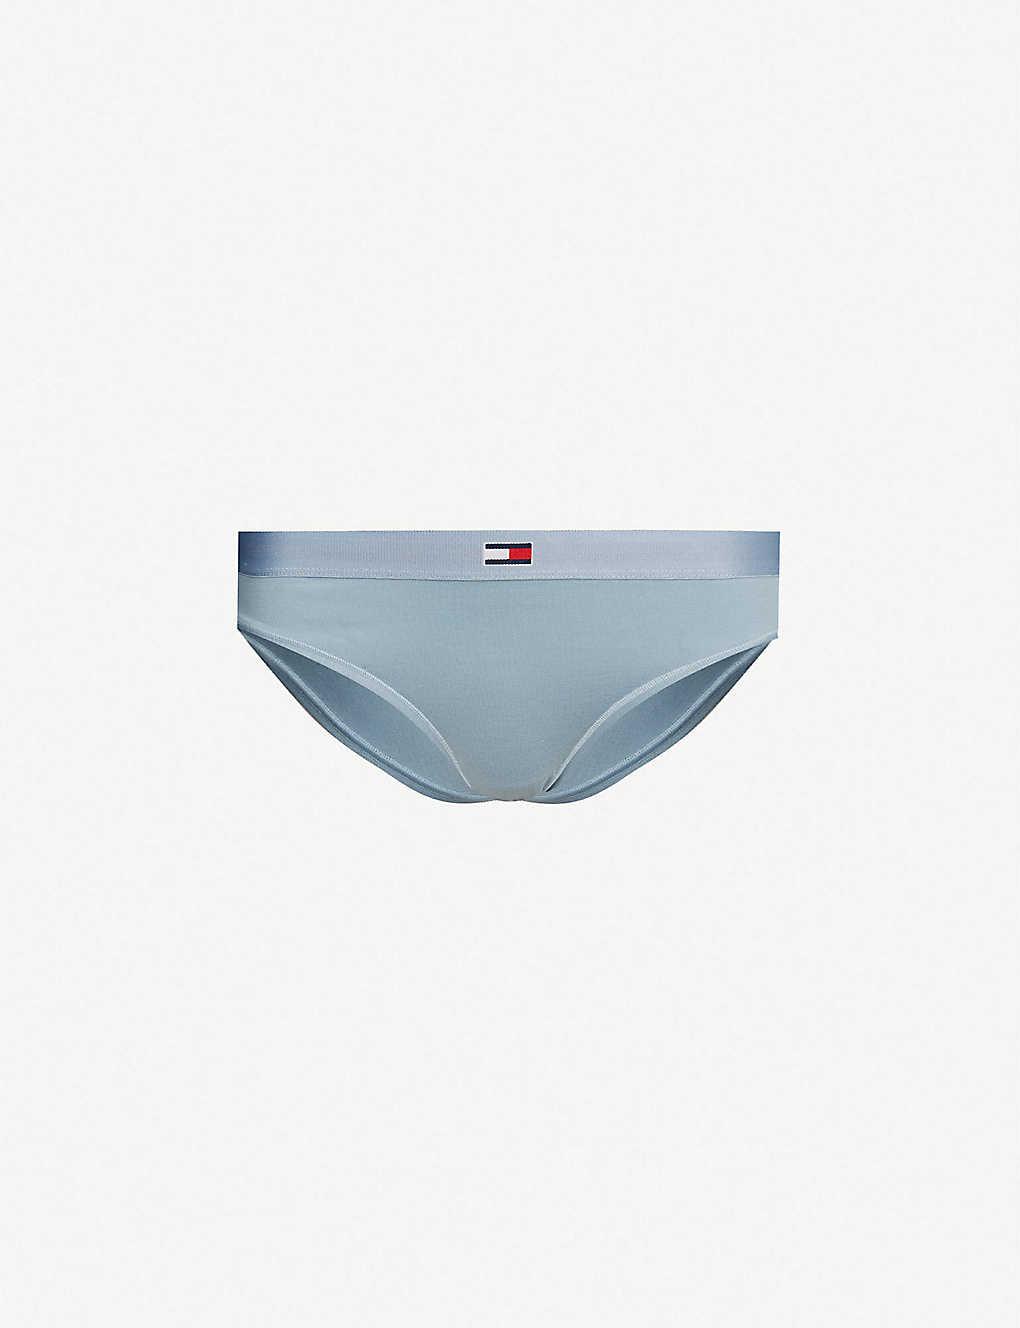 db72bd1dd6556 TOMMY HILFIGER - Logo-detail stretch-jersey bikini briefs ...